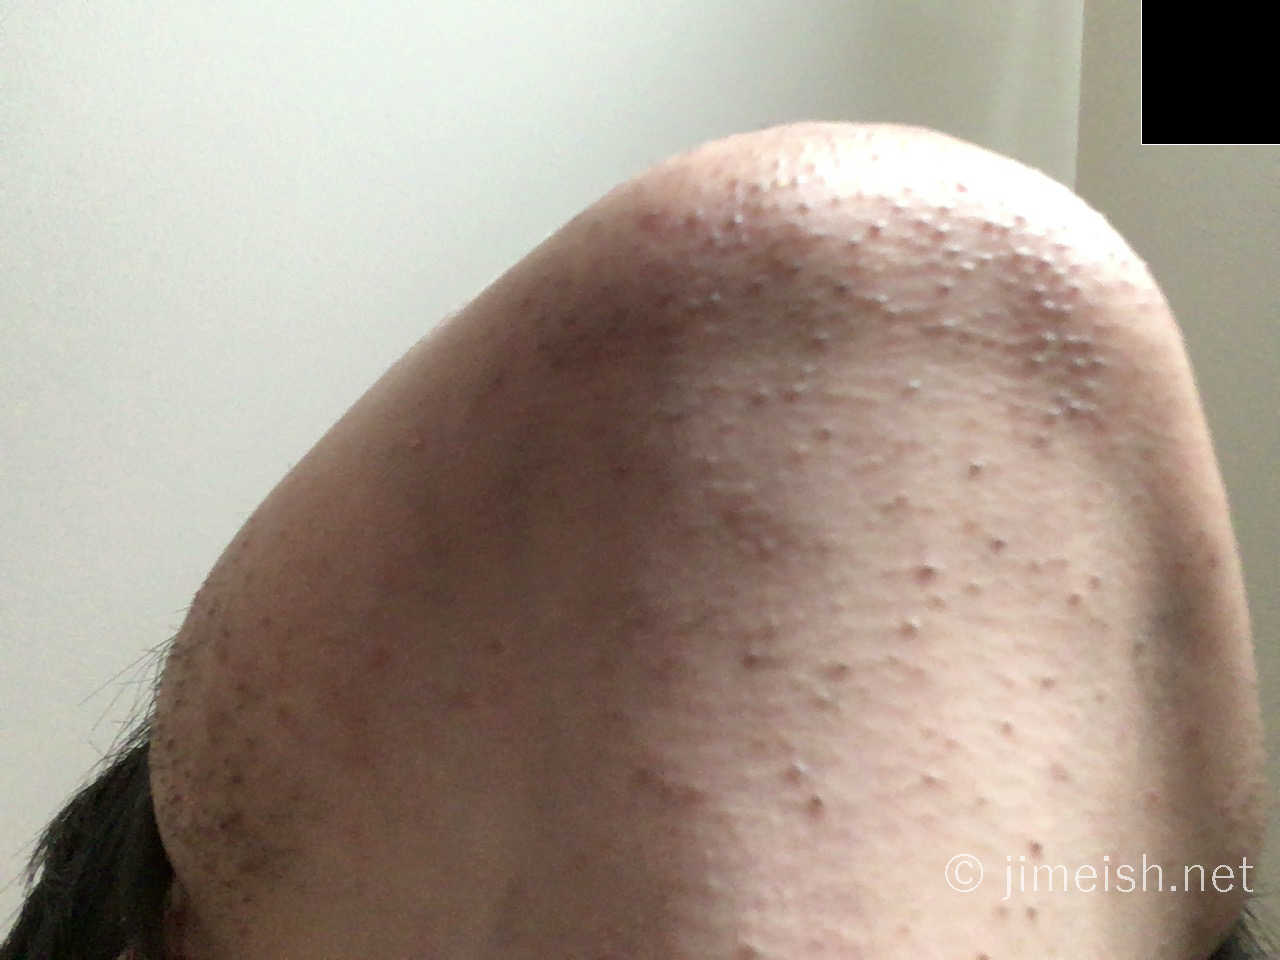 レーザー脱毛初回2日後の顎下画像